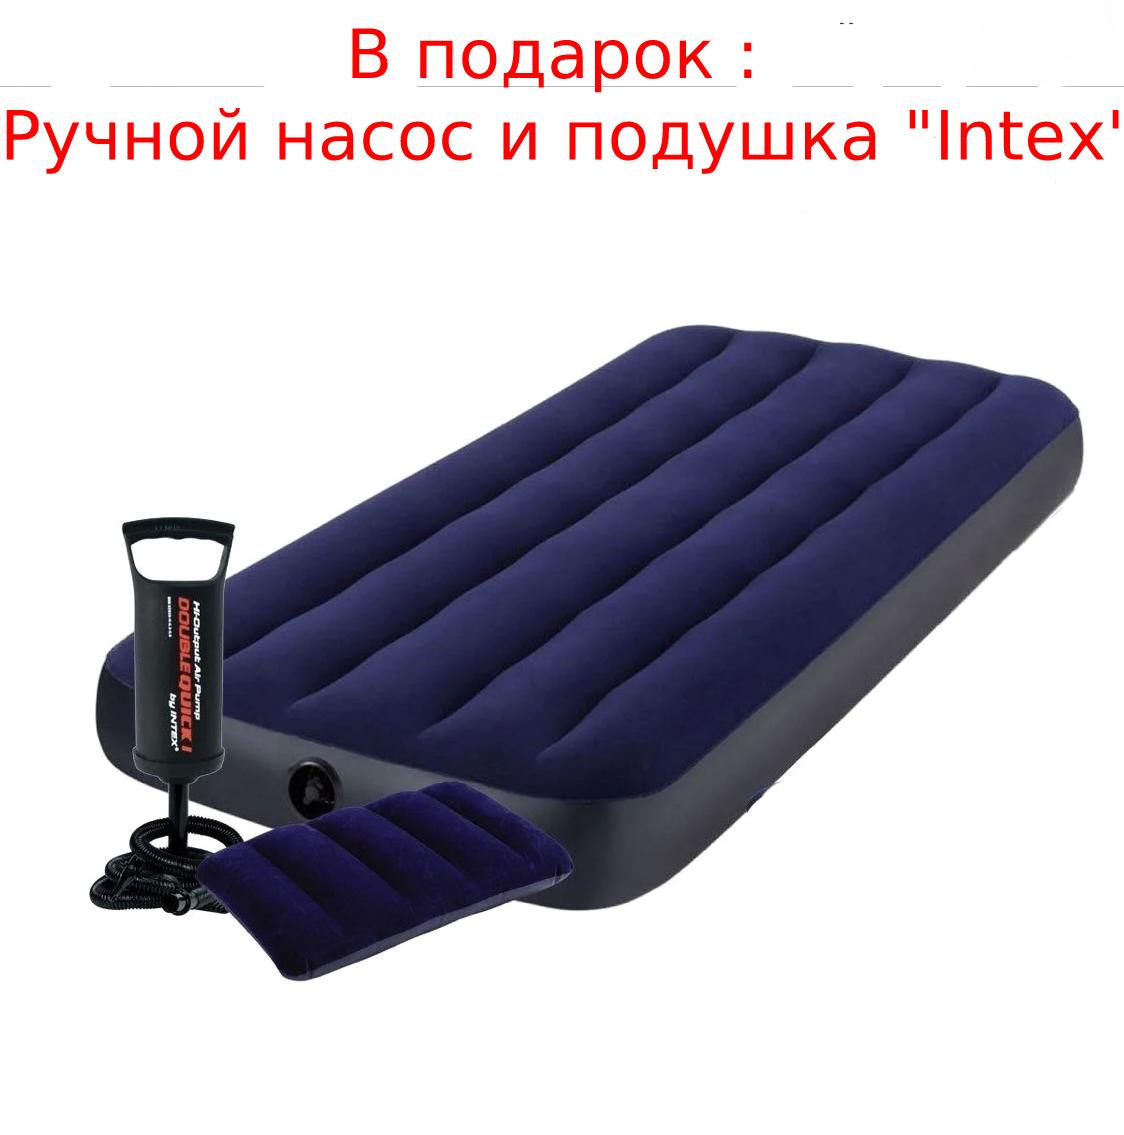 """Матрац надувний """"Intex"""" #64757.Розмір 99х191х25 див. Ручний насос і подушка в подарунок. Одномісний."""